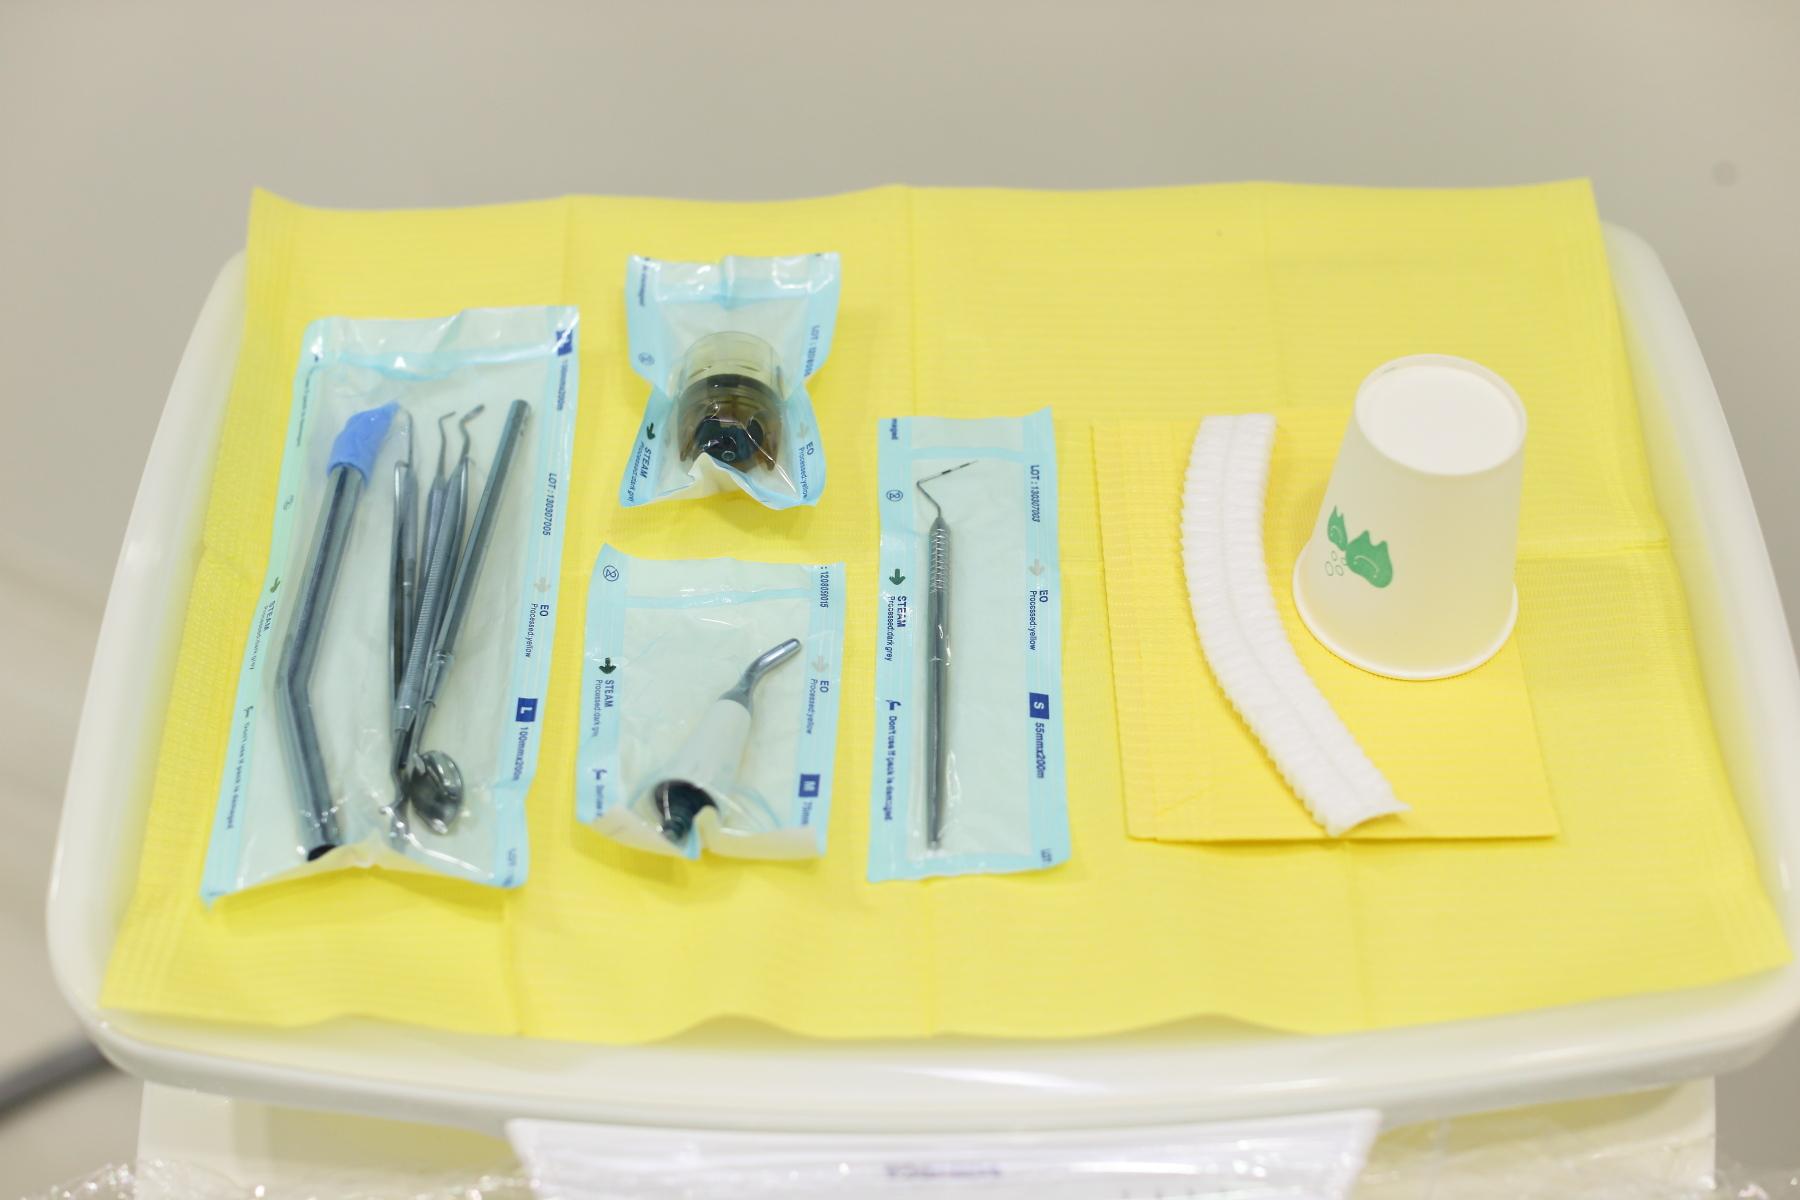 院内感染対策の衛生管理を徹底